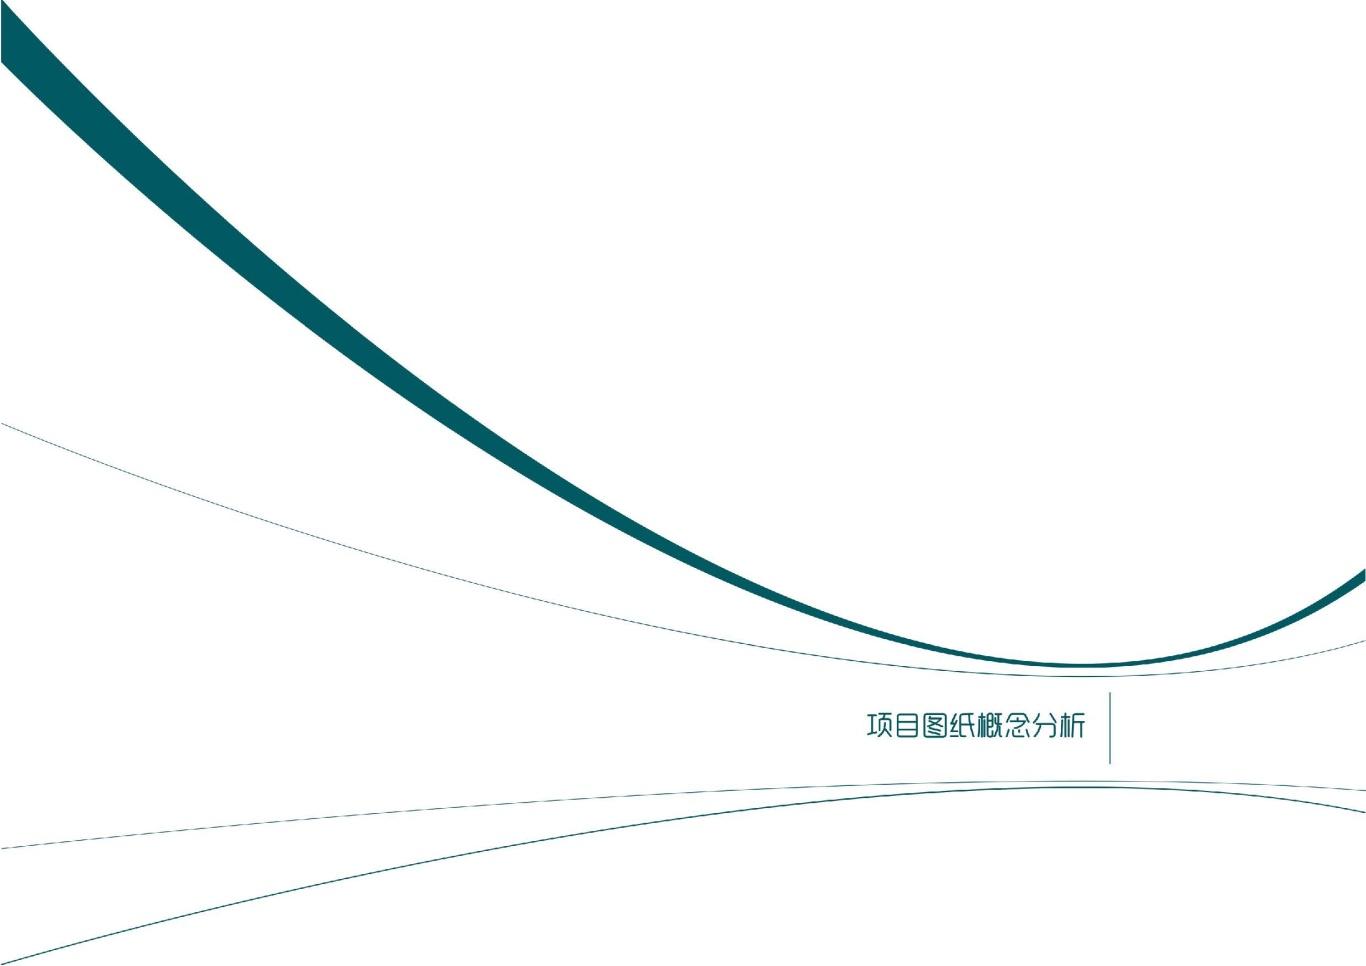 大连泰达慧谷开发区导视系统设计图18